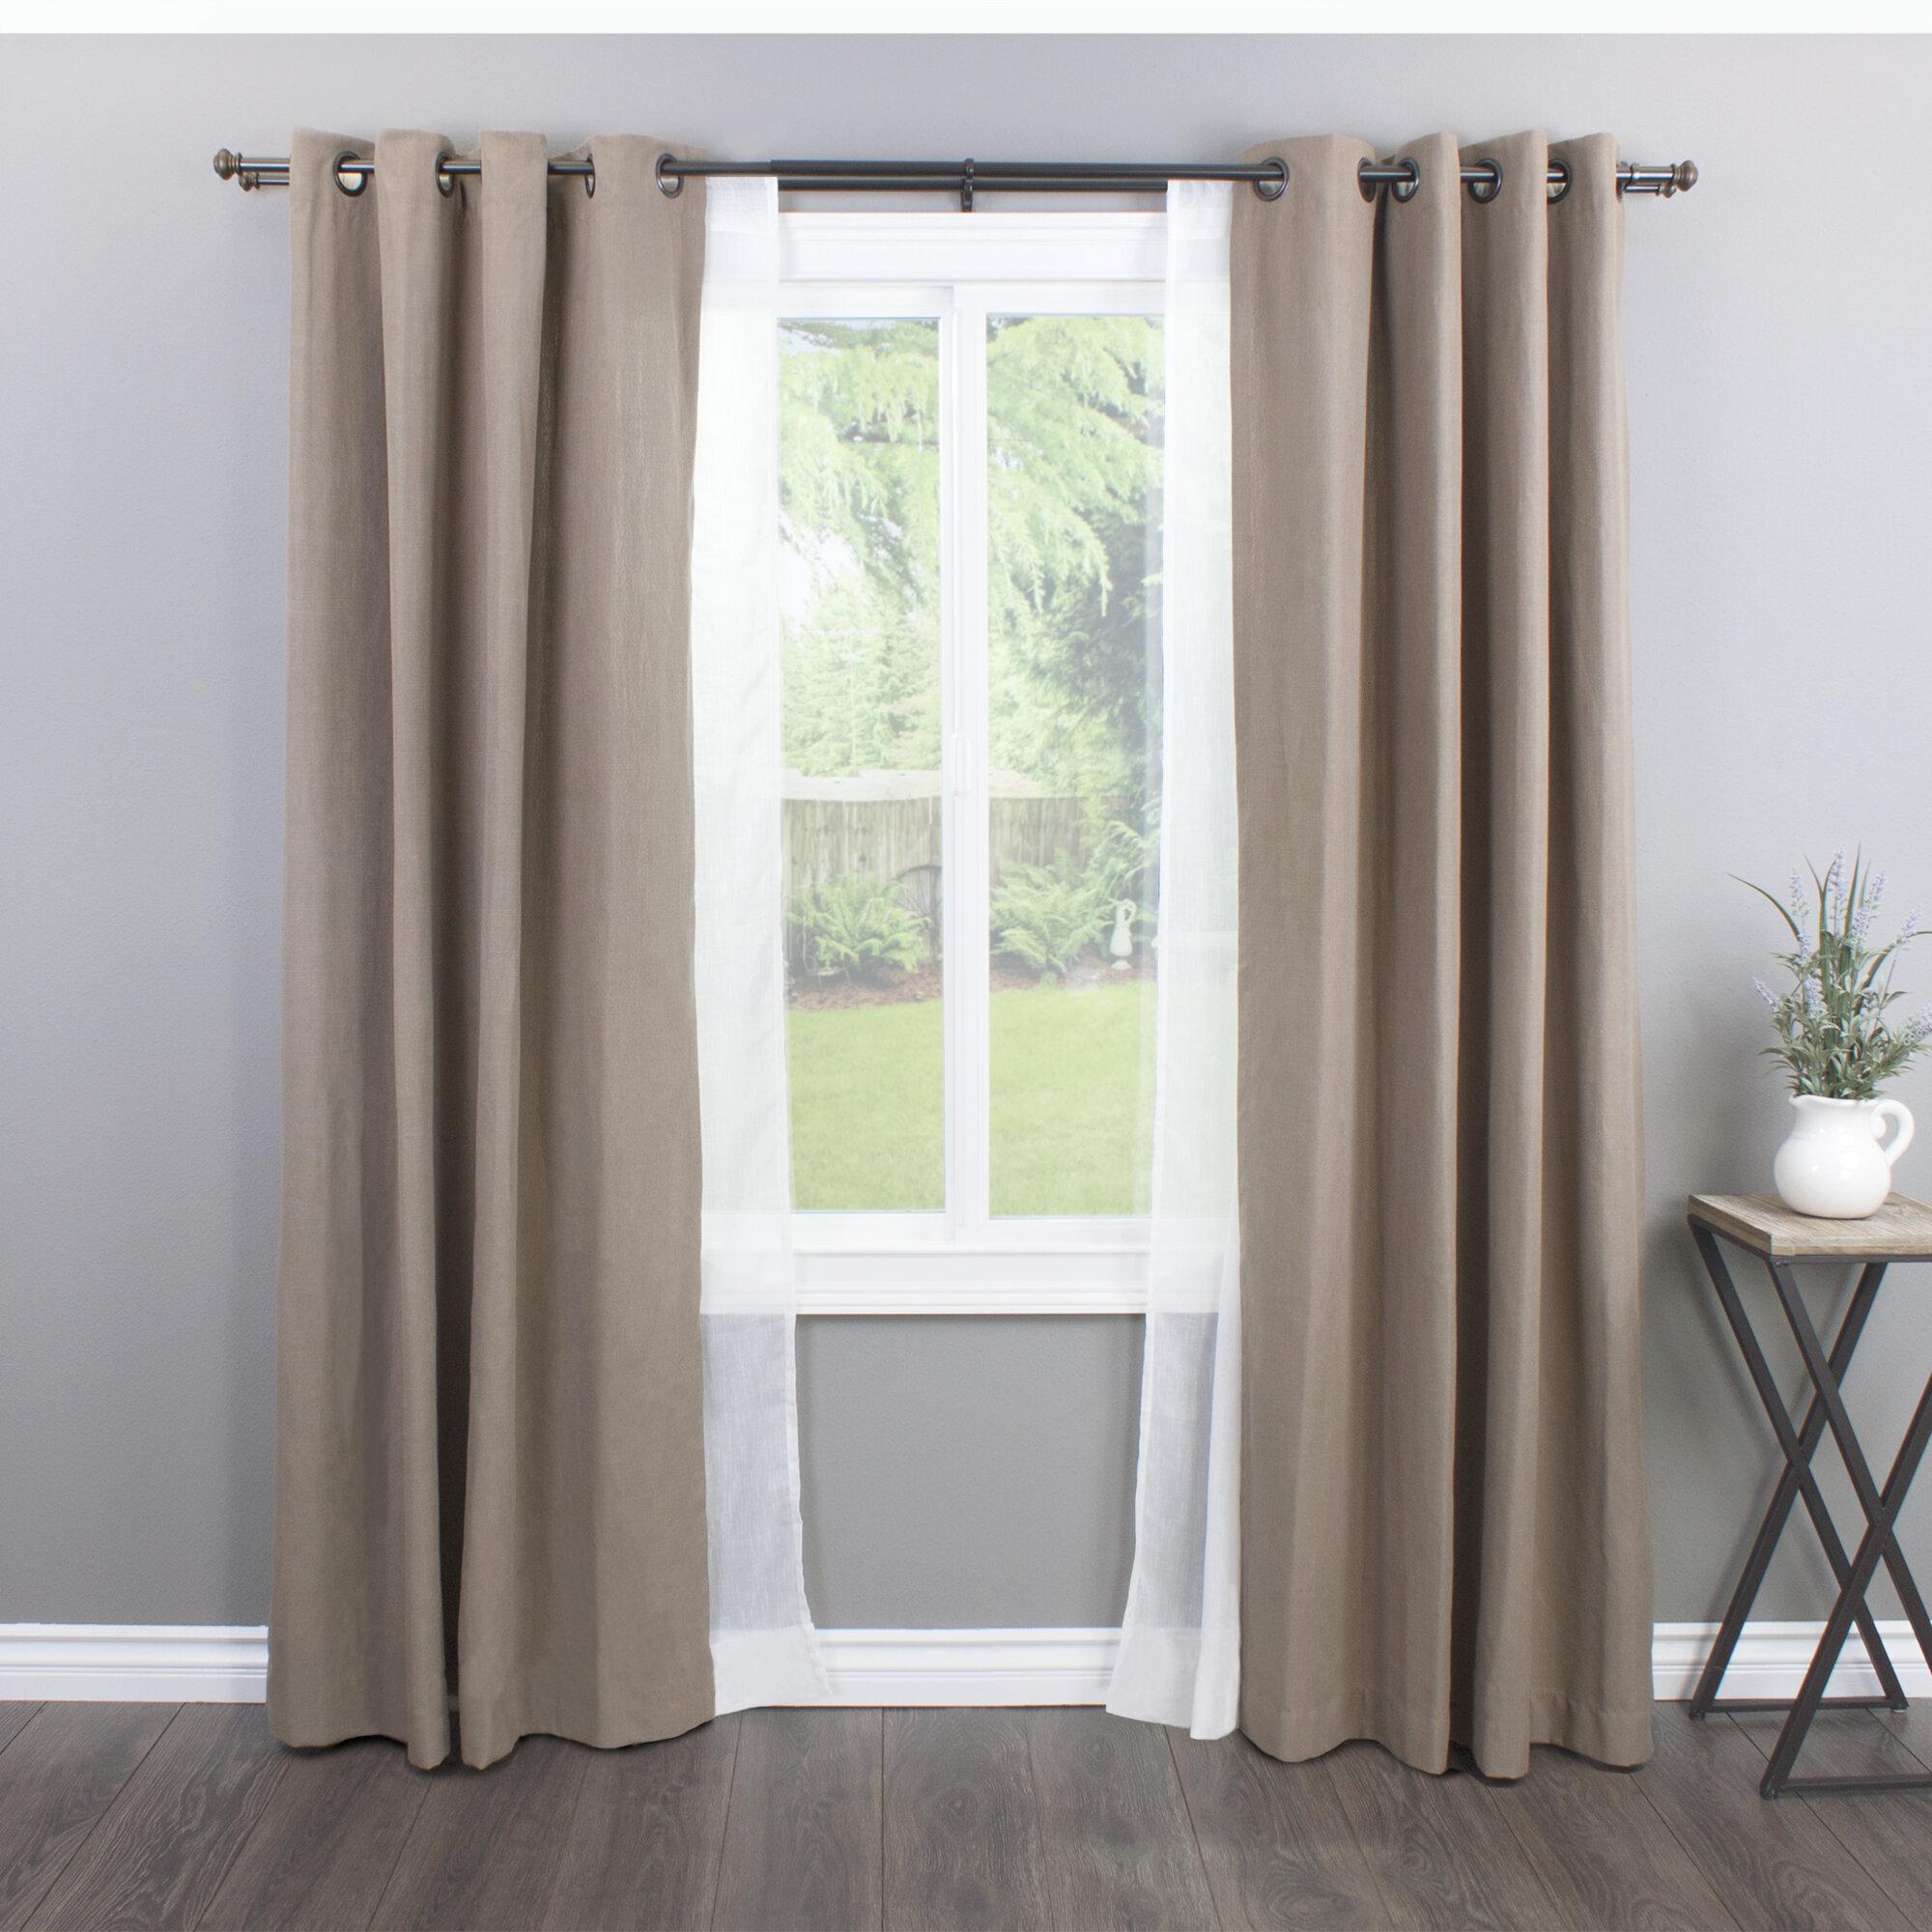 Greyleigh Bloxom Curtain Rod Set